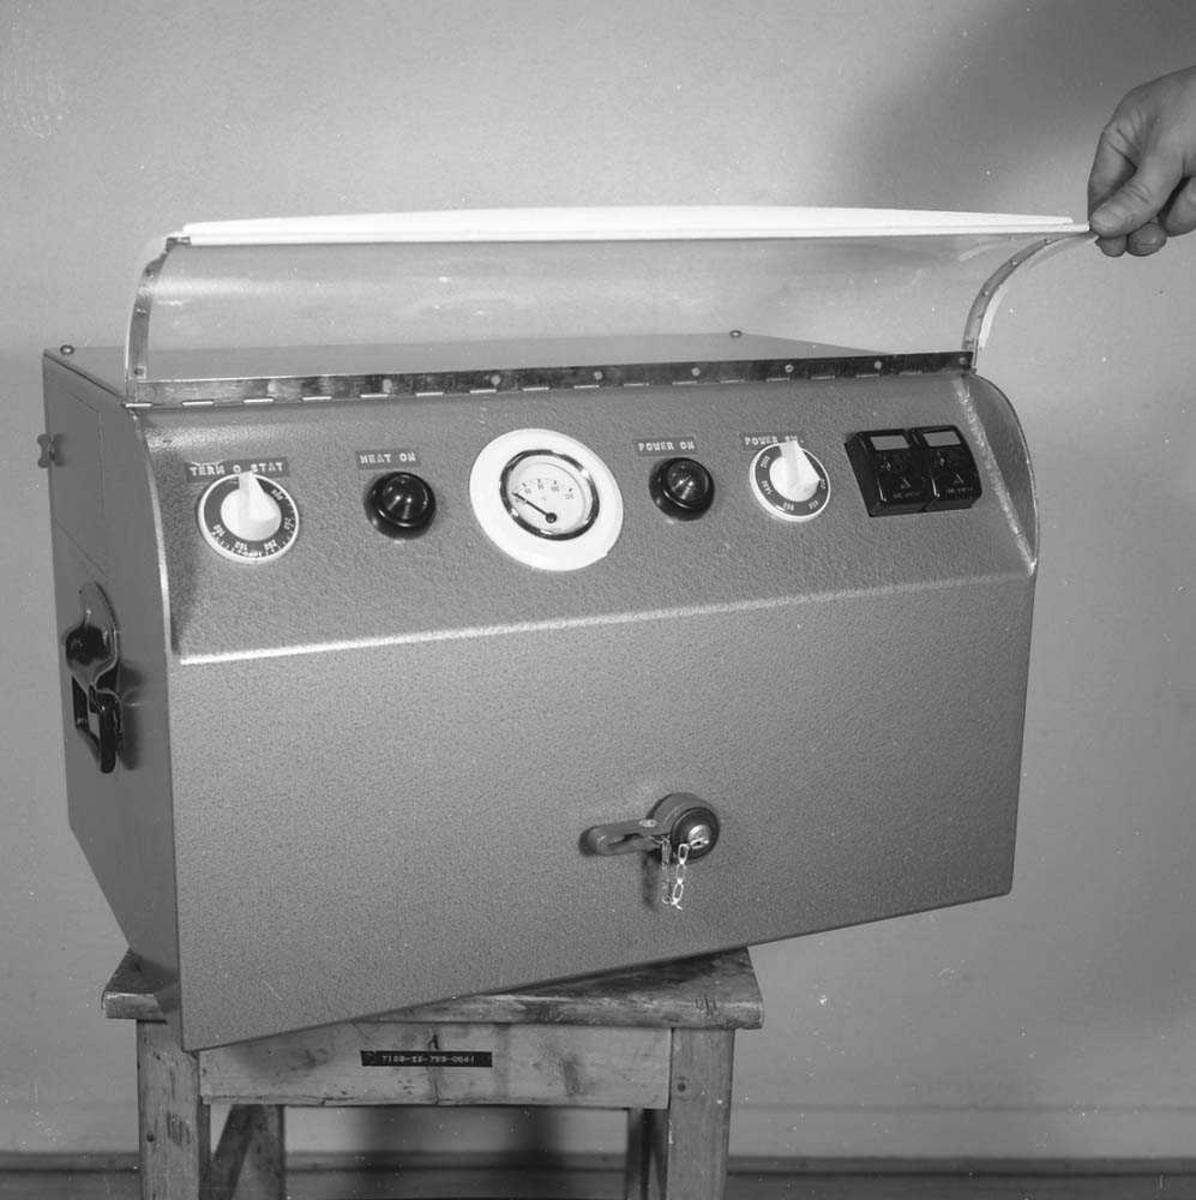 Instrumentet kalles for Purge Unit. Det ble brukt til å rense oksygenet som piloten pustet i, i jagerflyet  F-104 Starfighter. Rensingen ble foretatt 3 ganger à 20 minutter. Instrumentet renset forskjellige stoffer i oksygenet for hver rensesyklus.